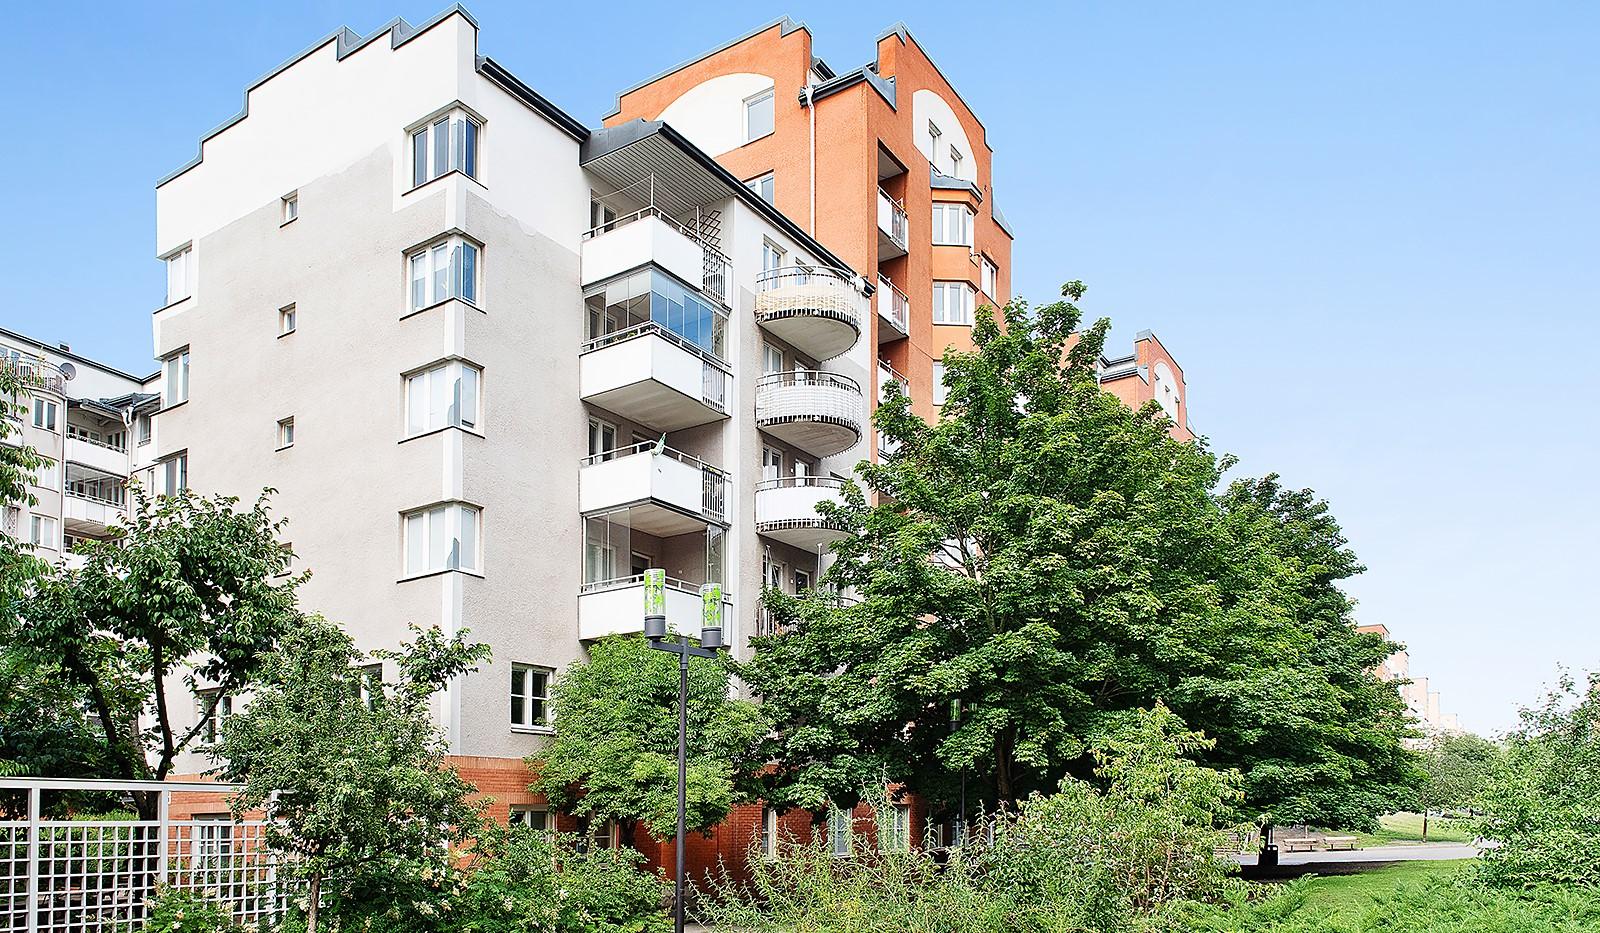 Fatburs Kvarngata 28 - Bilfria Södermalmsallén utanför huset